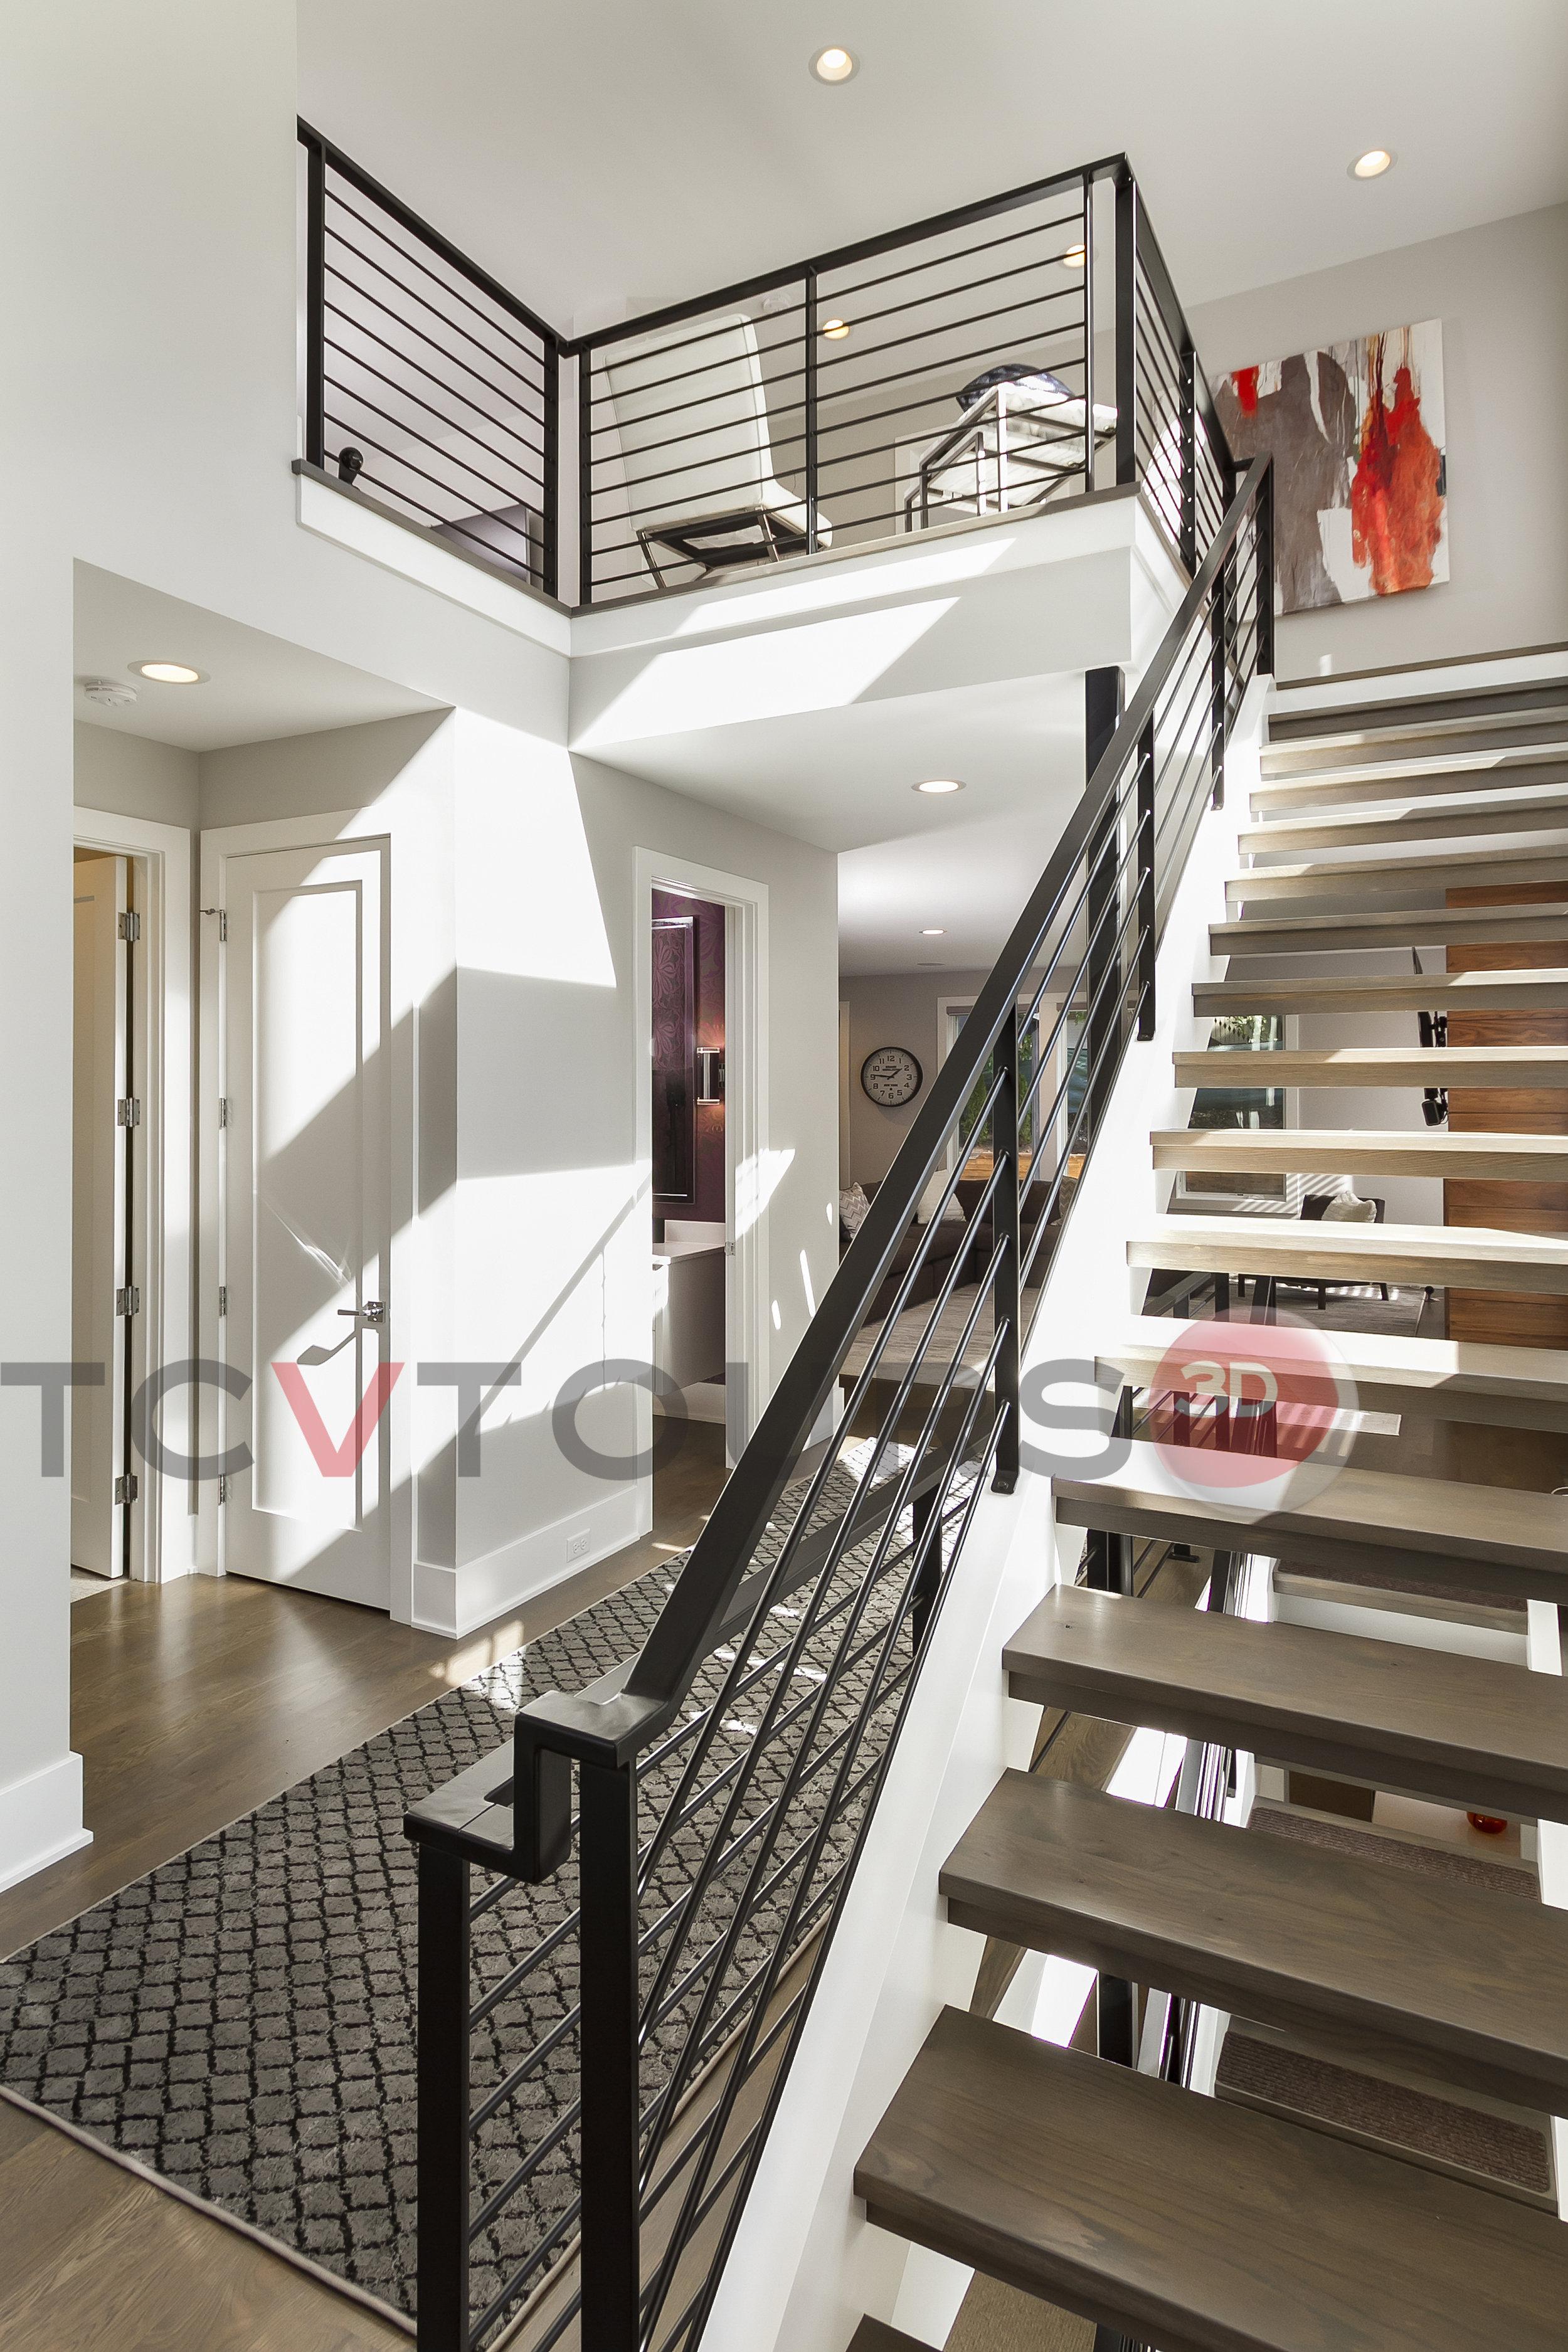 025_stairscase to loft H20.jpg